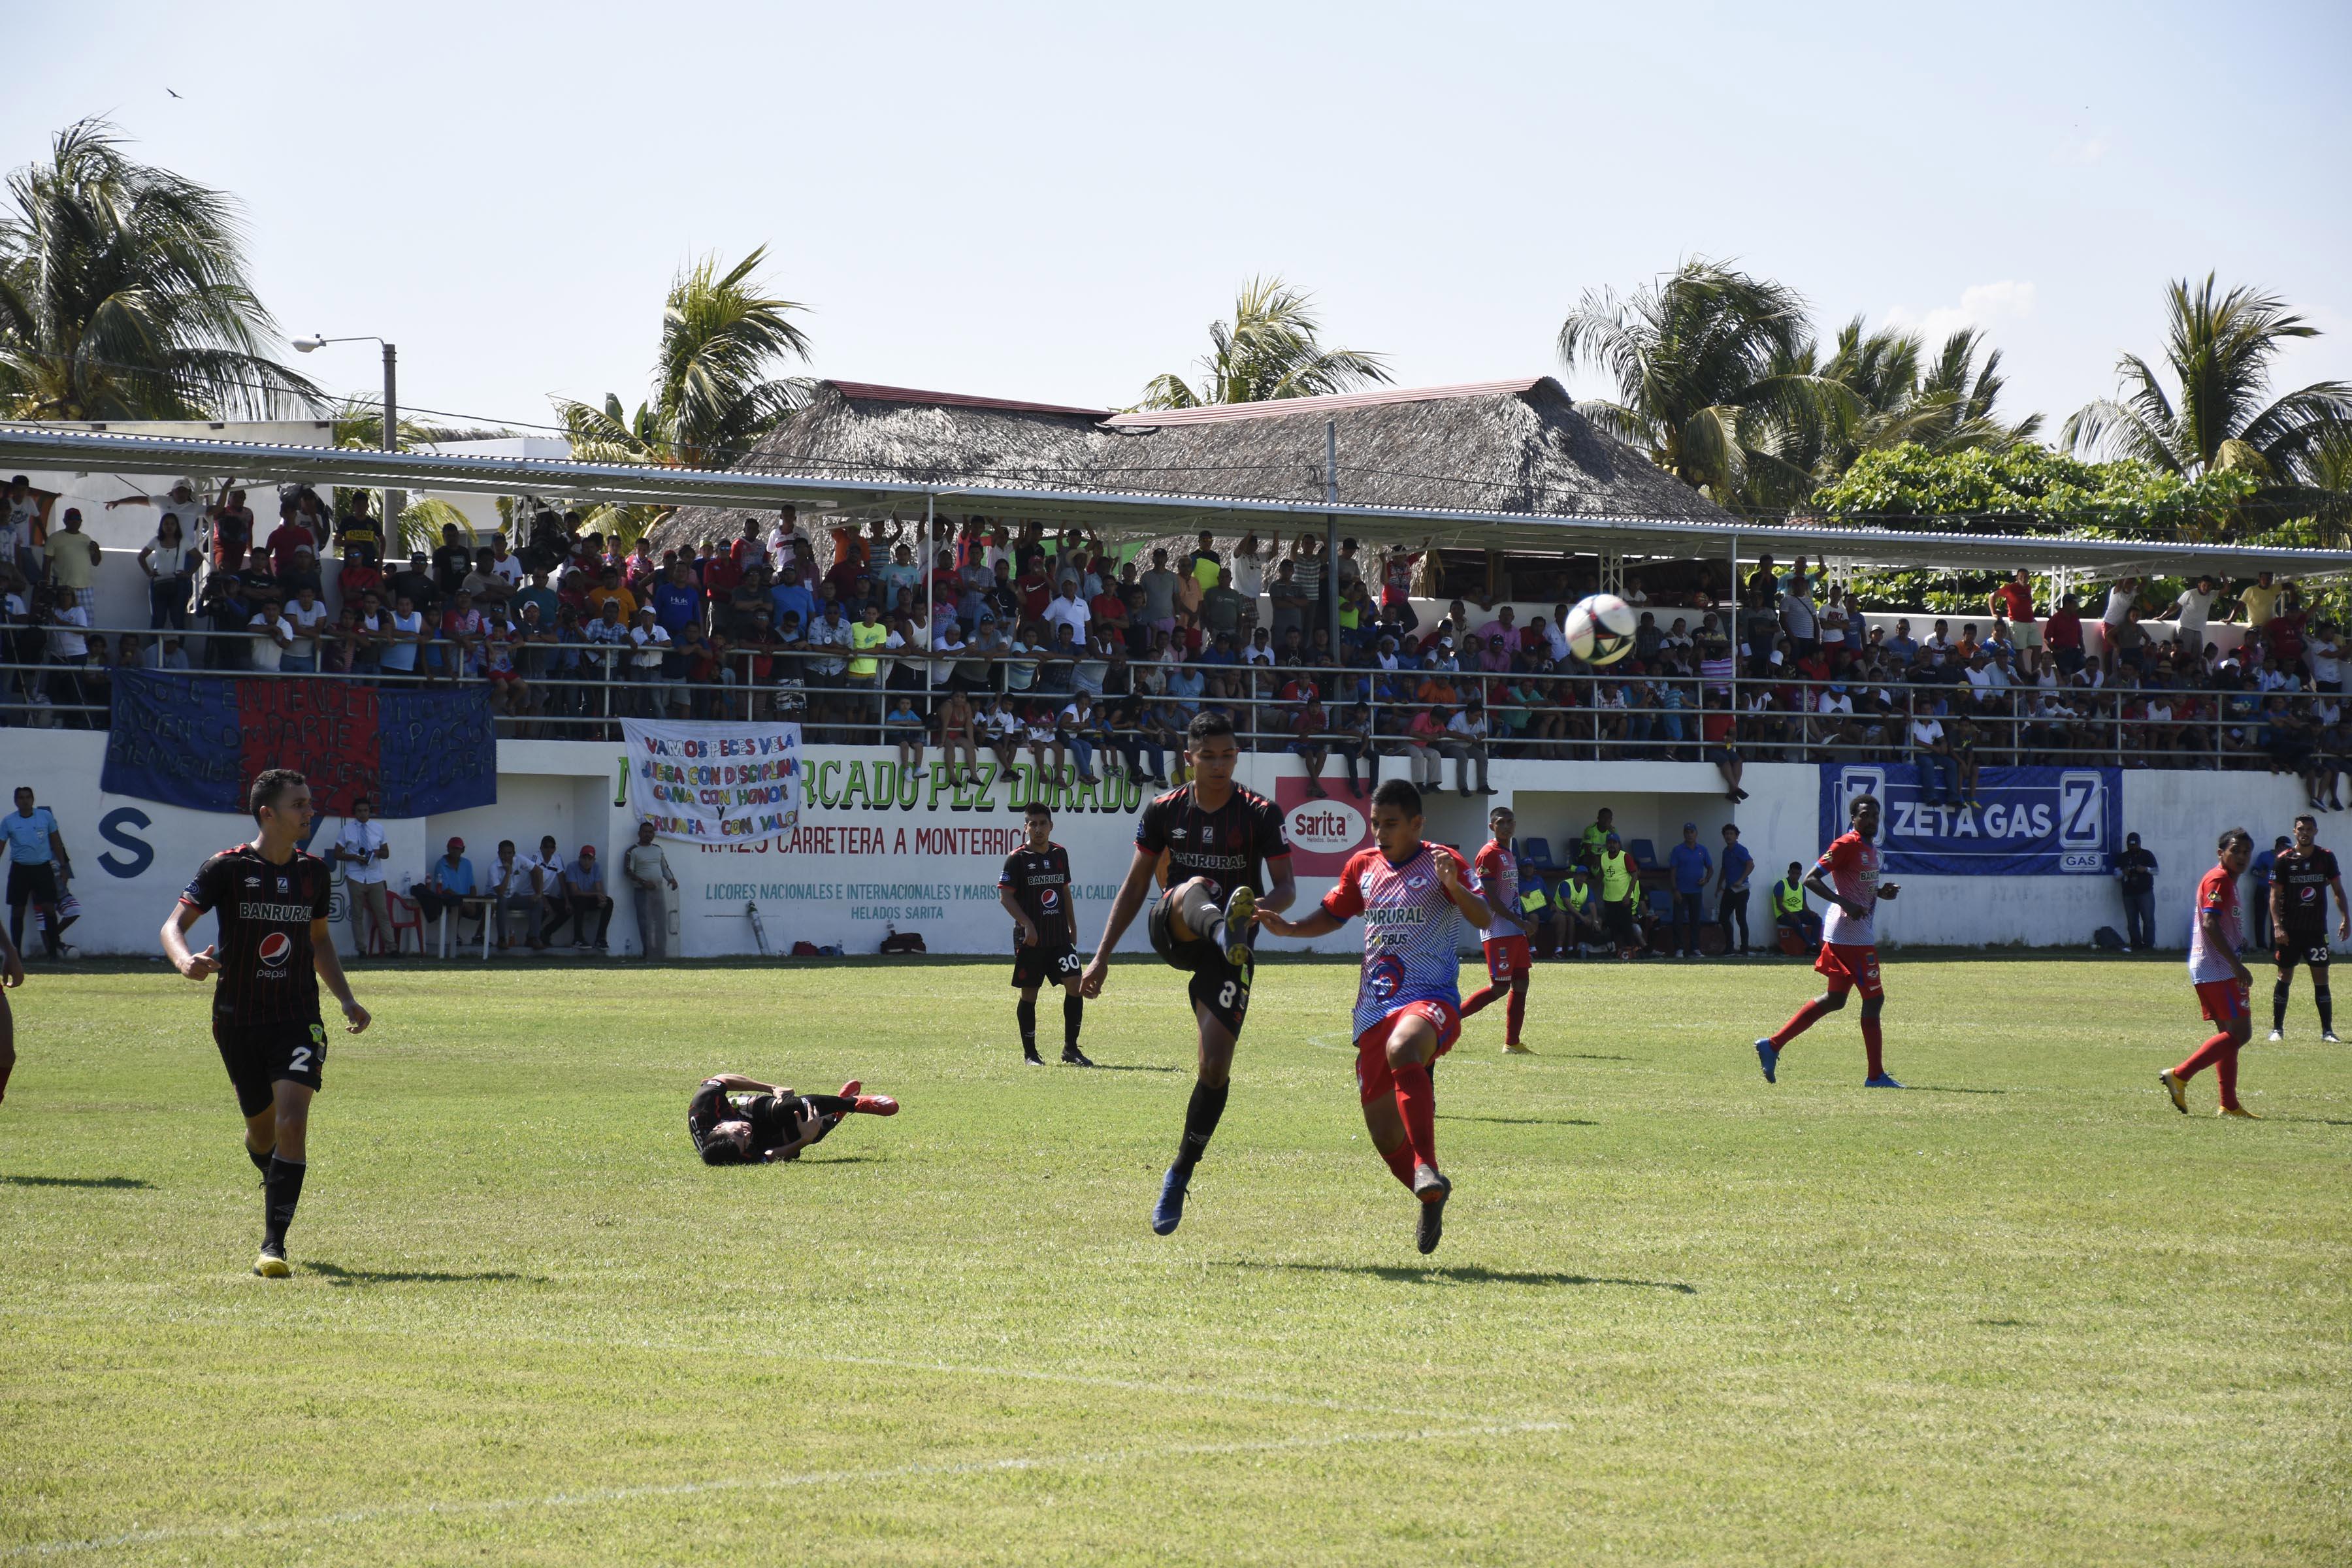 Acción durante el partido entre Iztapa y Municipal. (Foto Prensa Libre: Carlos Paredes)